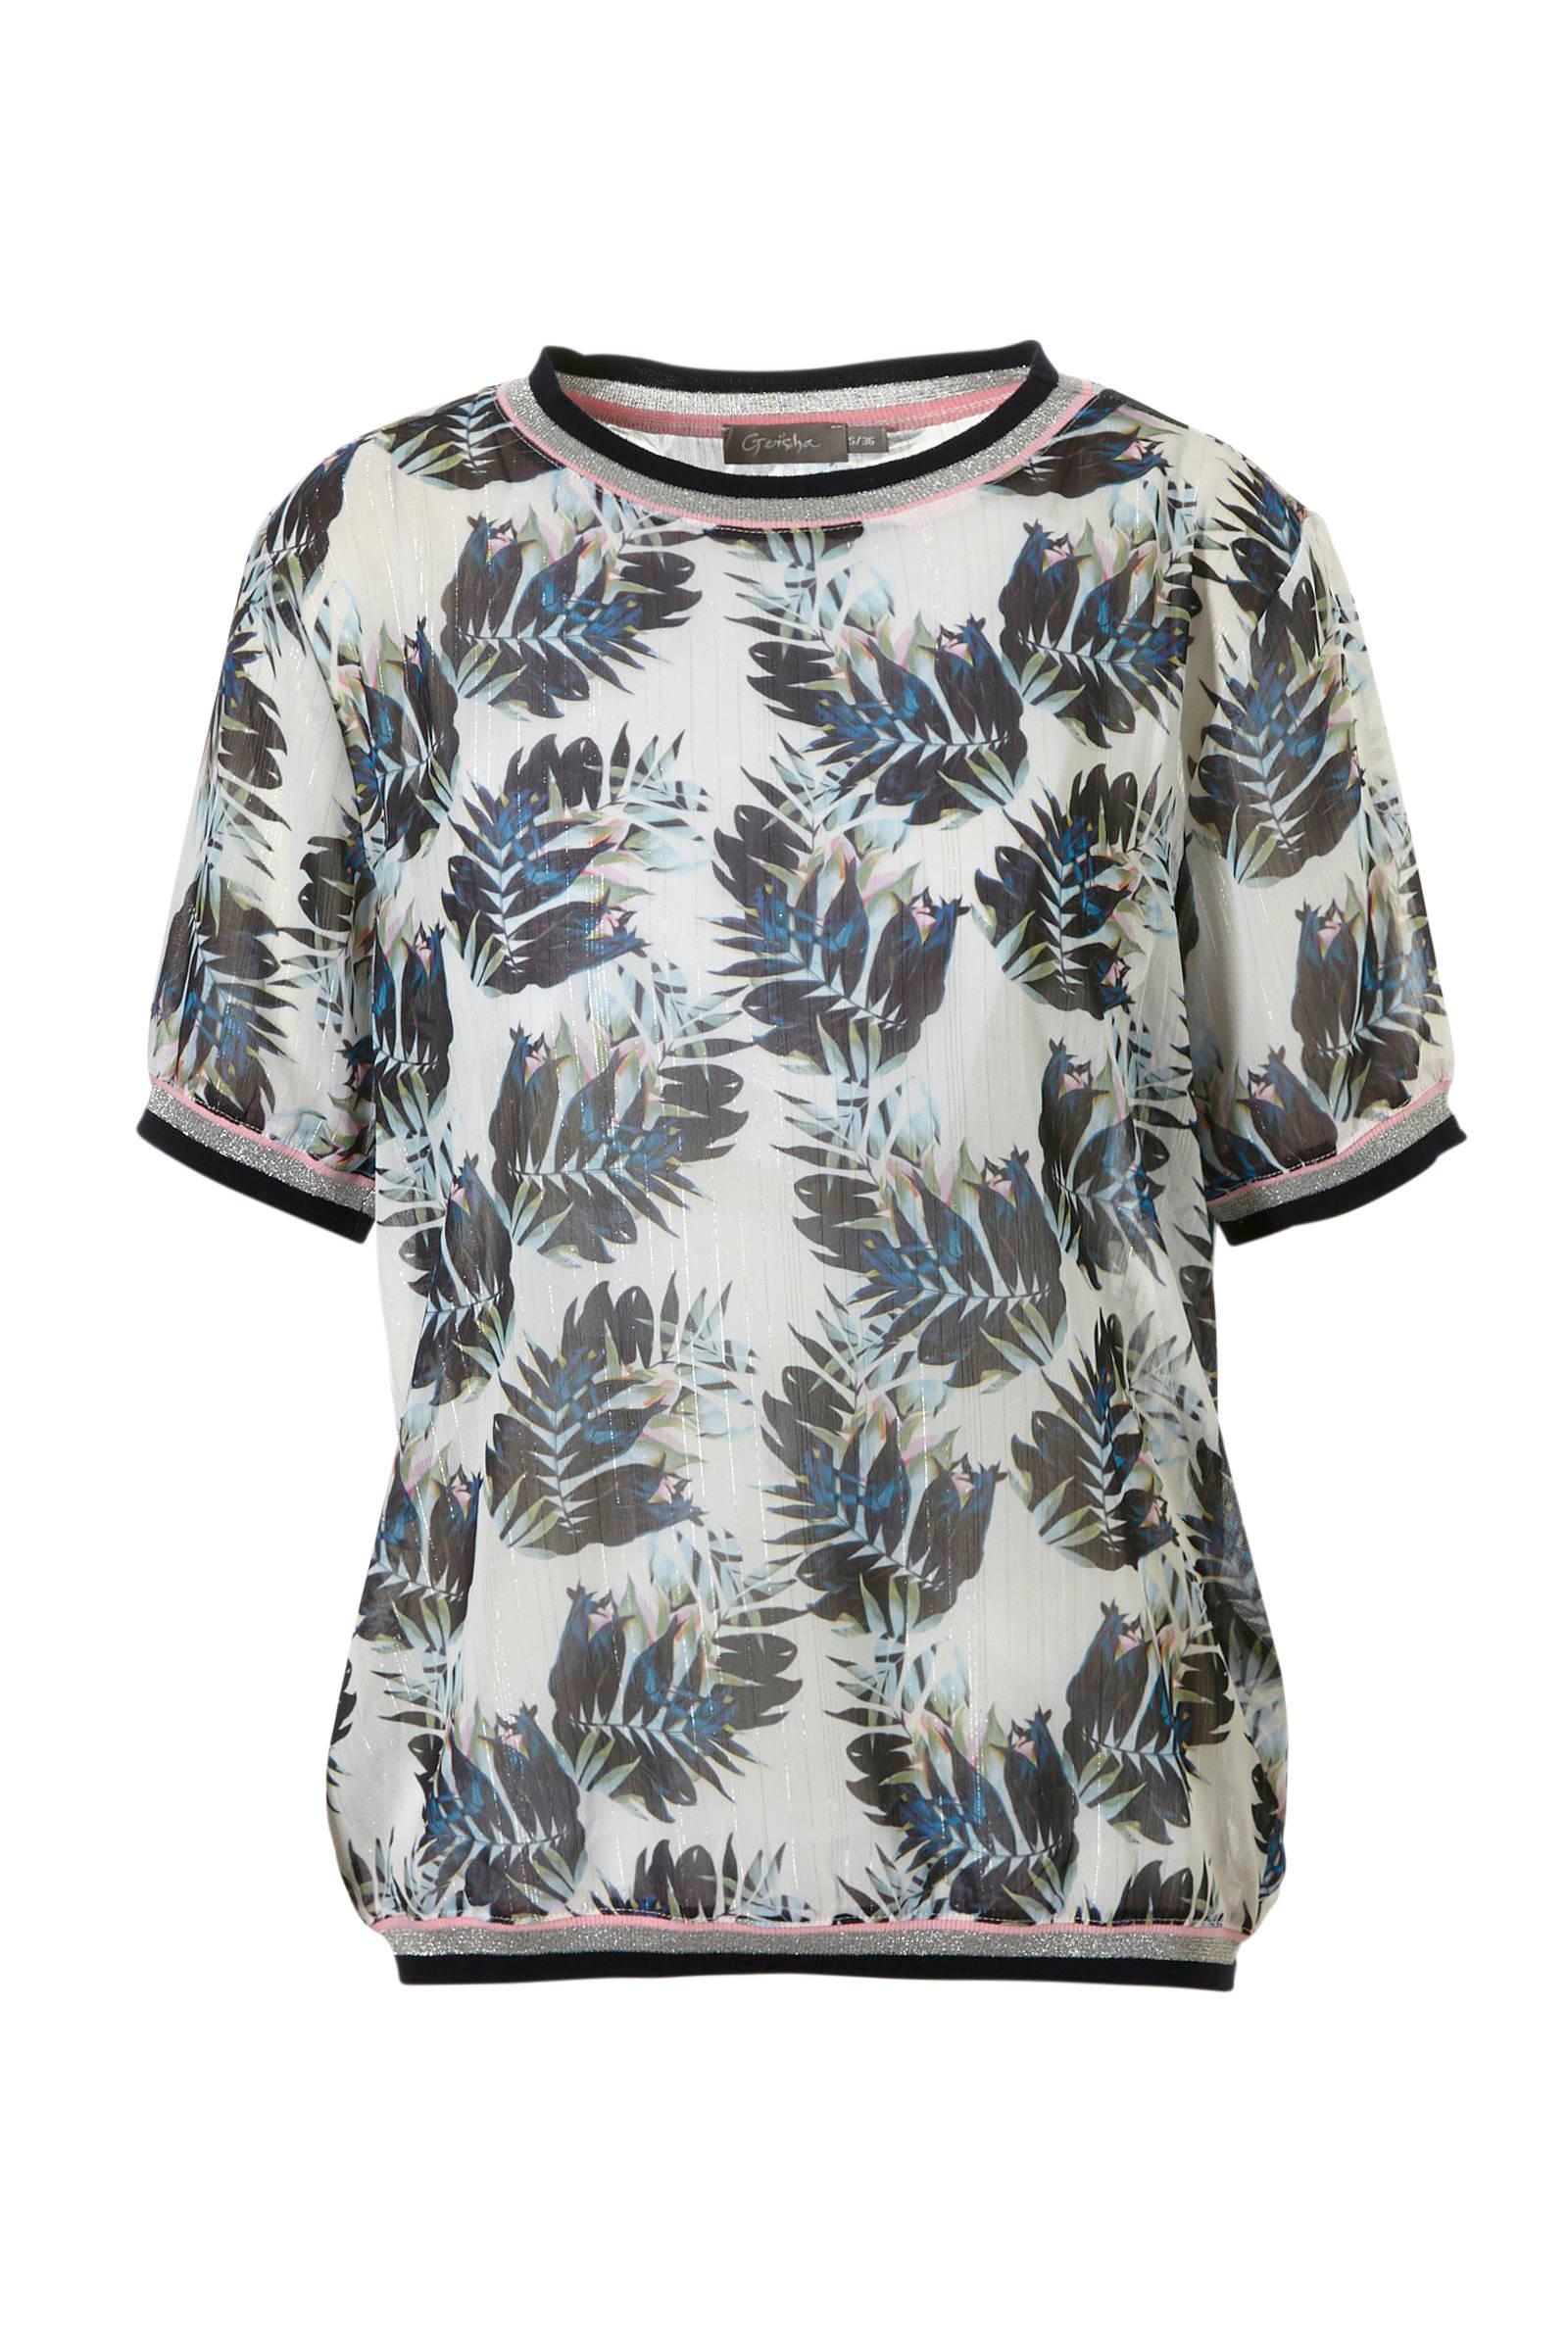 5a6b4fbe18c373 voorjaarstopsamp  dames shirts T wehkamp 20 bij bezorging Gratis vanaf  kXiZPu